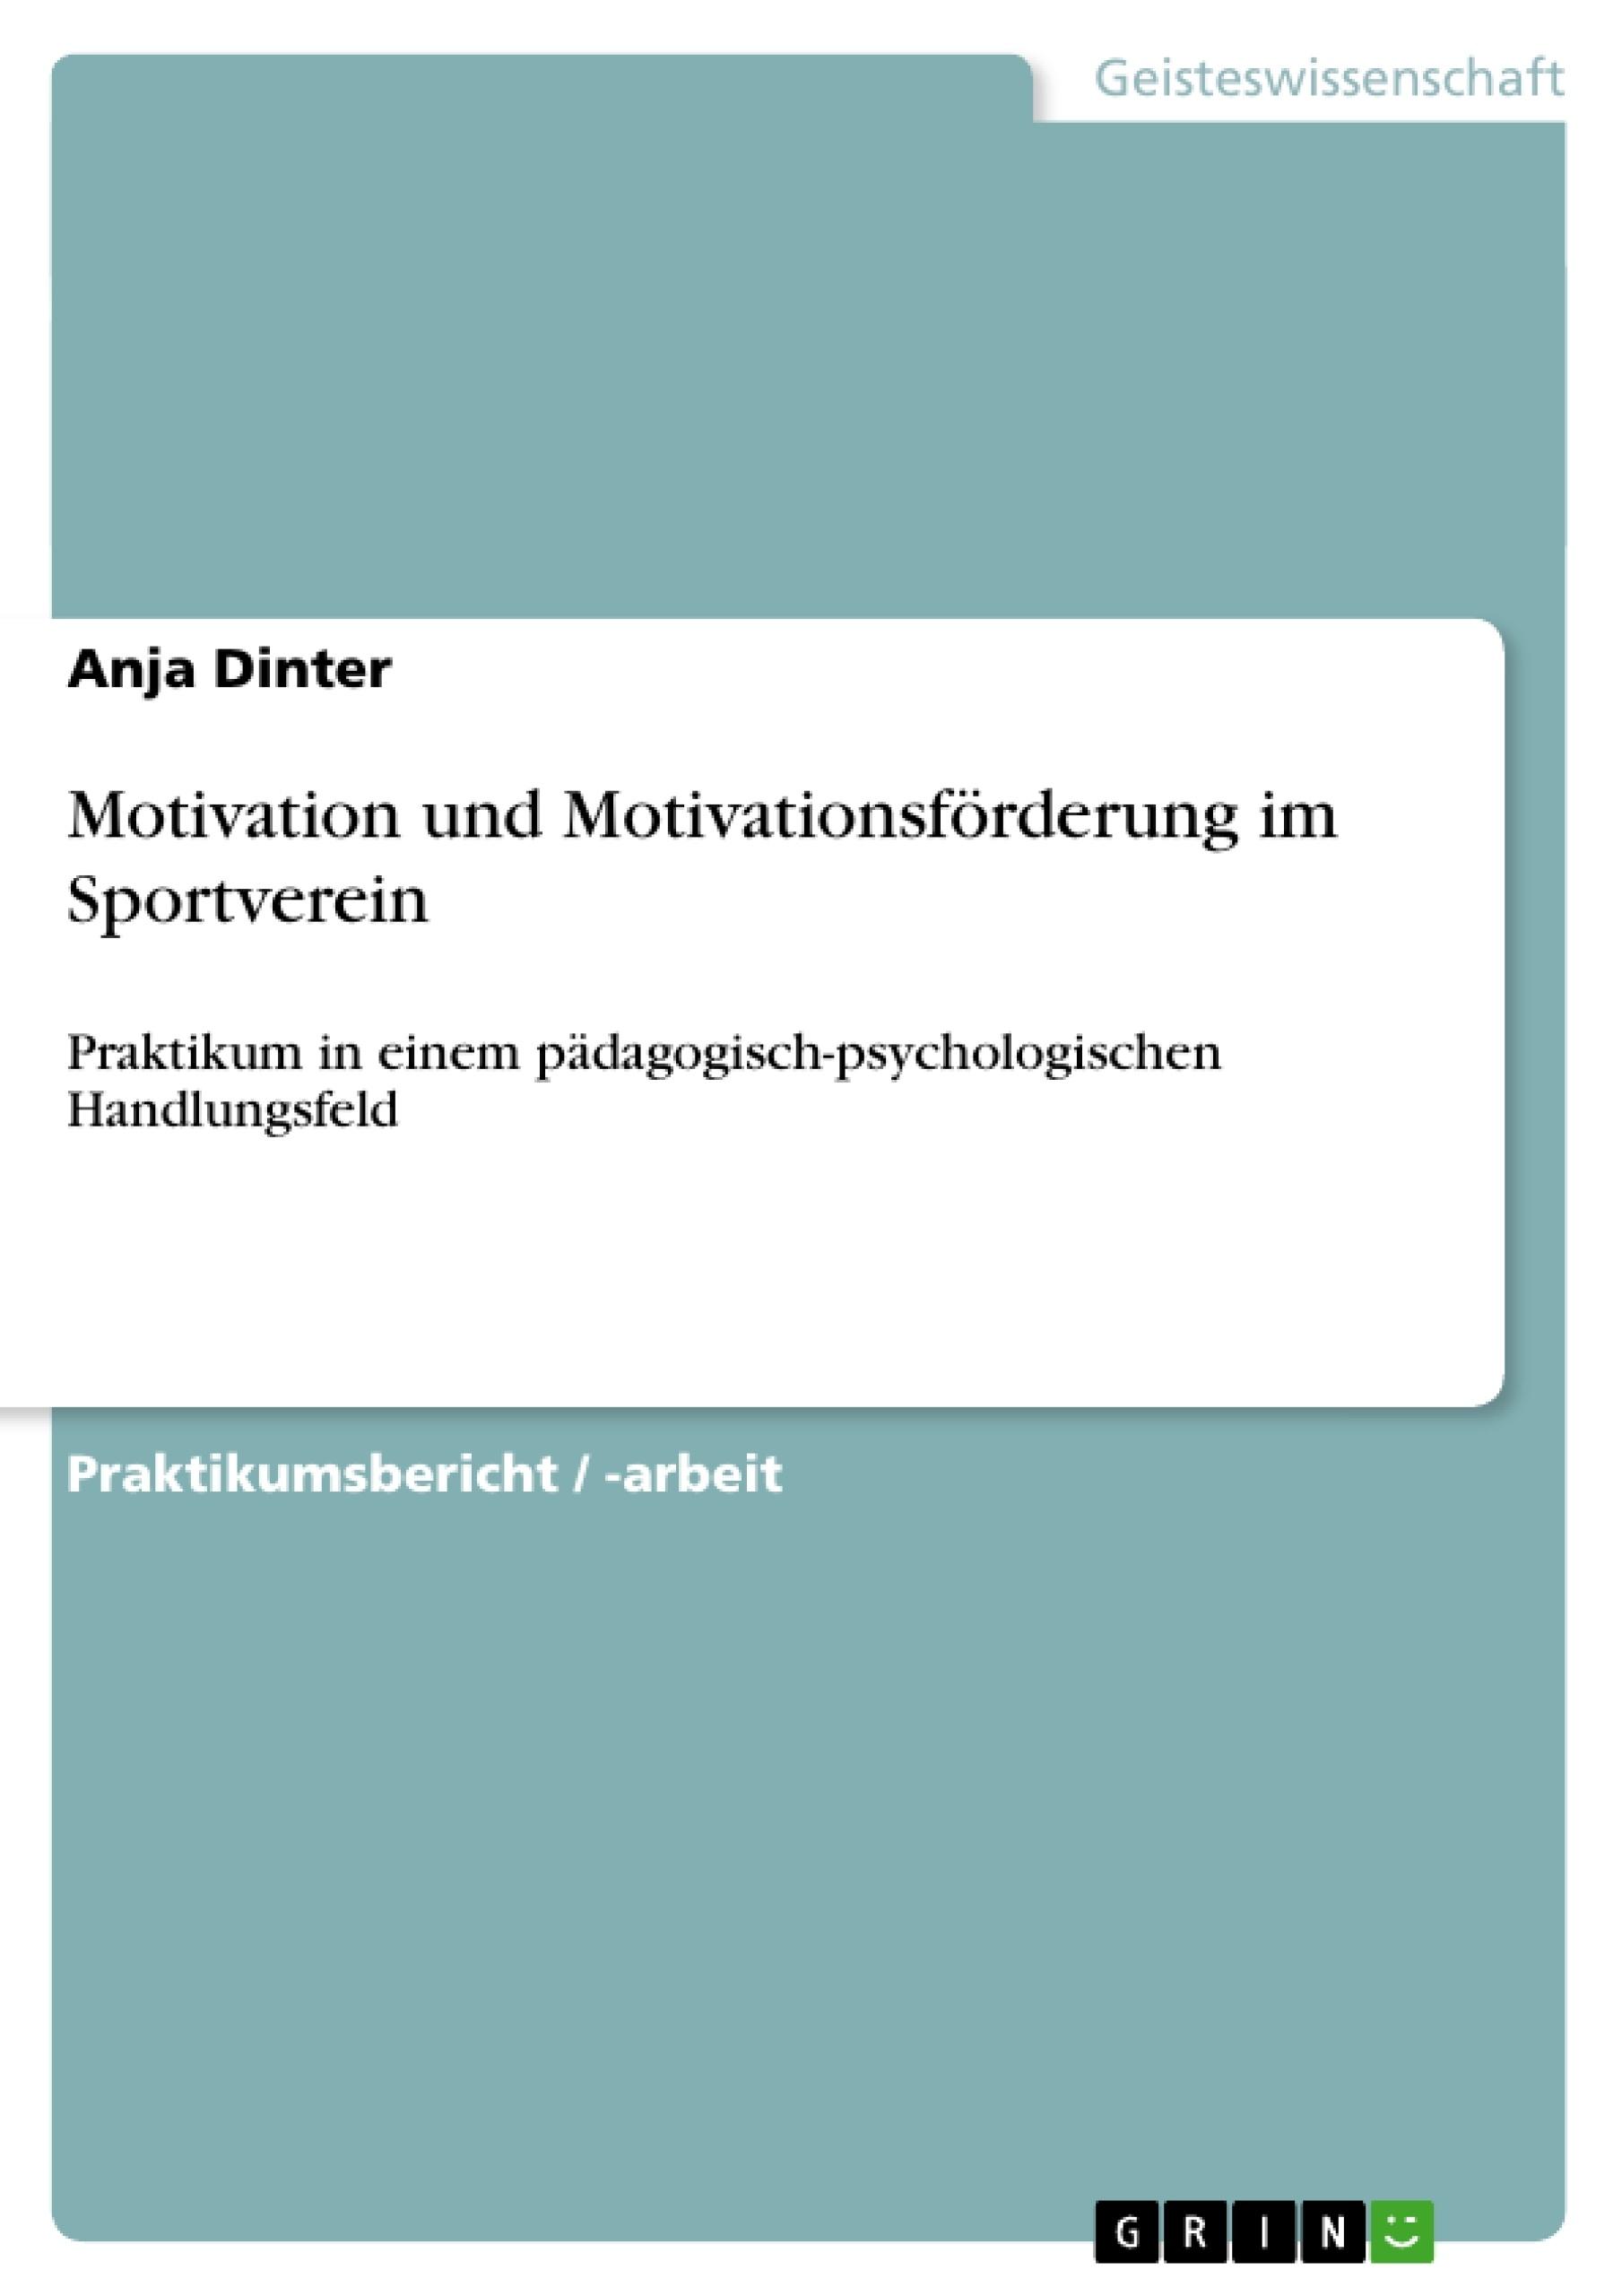 Titel: Motivation und Motivationsförderung im Sportverein